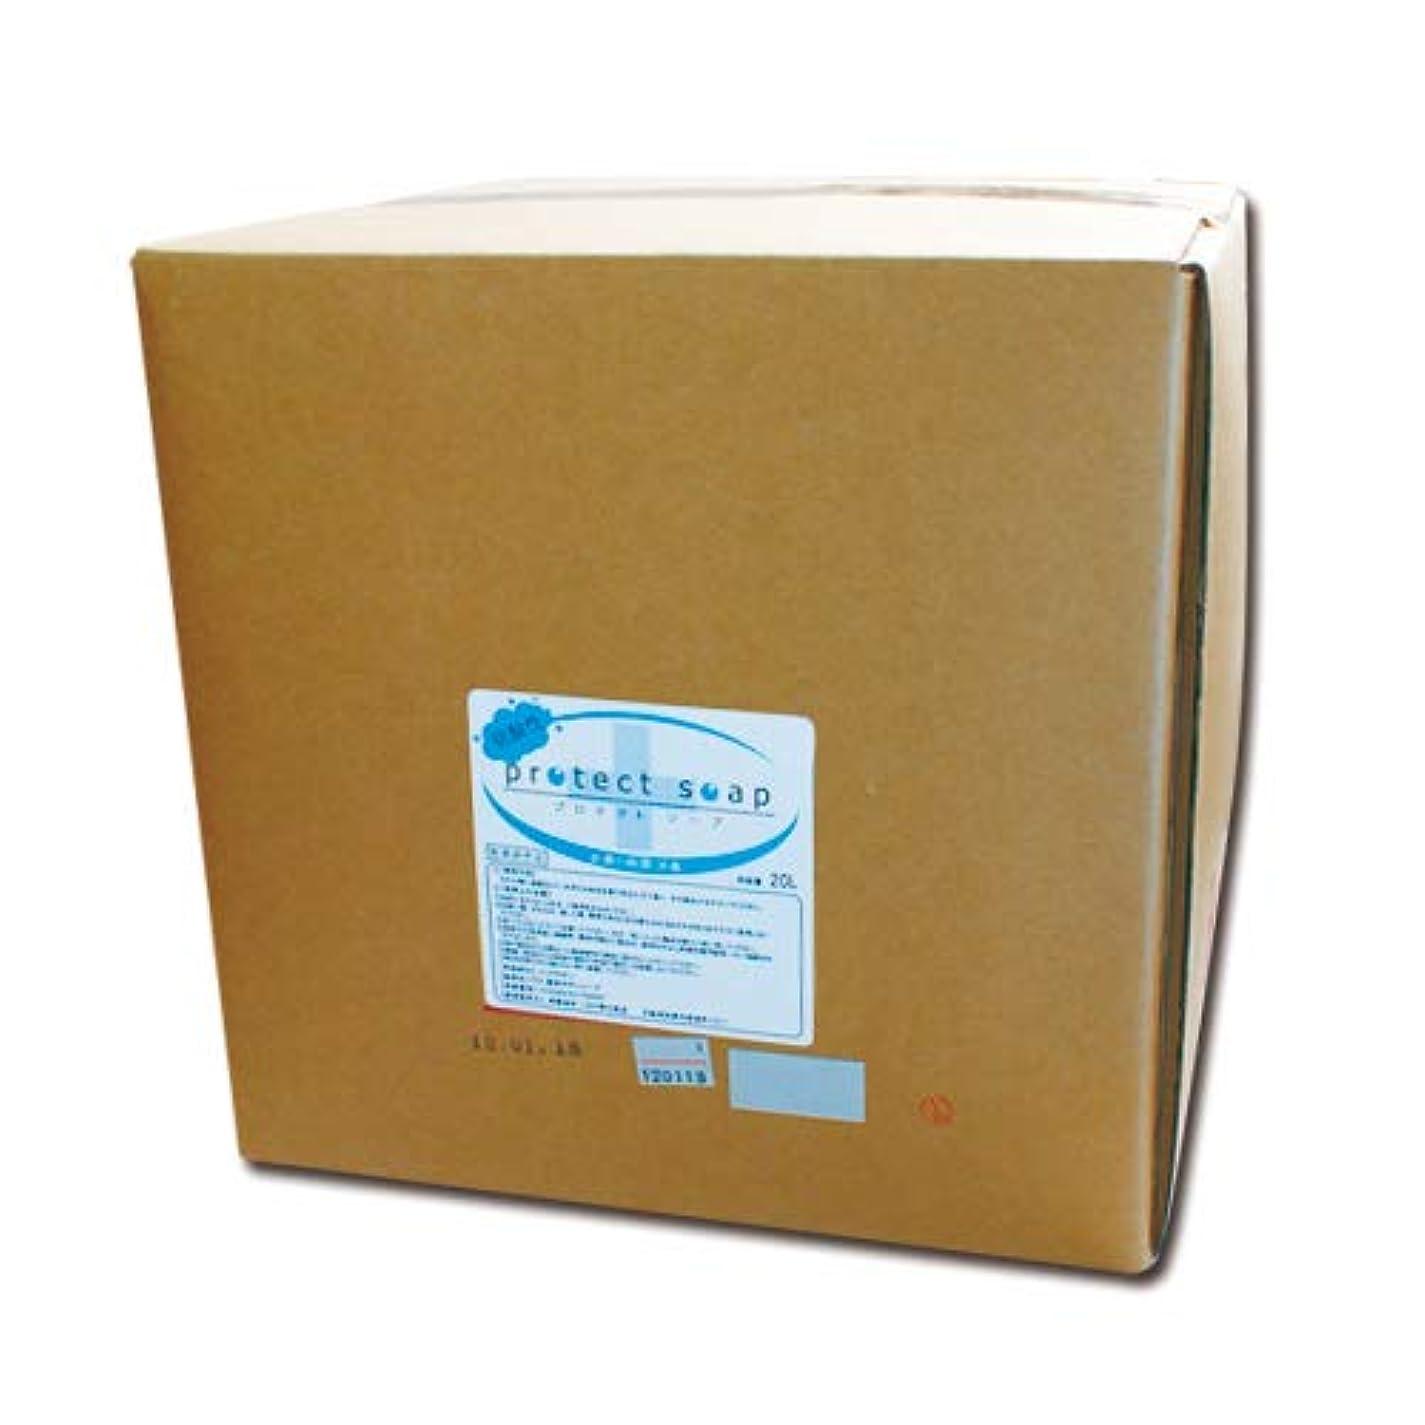 落花生ワーディアンケース拘束低刺激弱酸性 液体石鹸 プロテクトソープ 20L 業務用